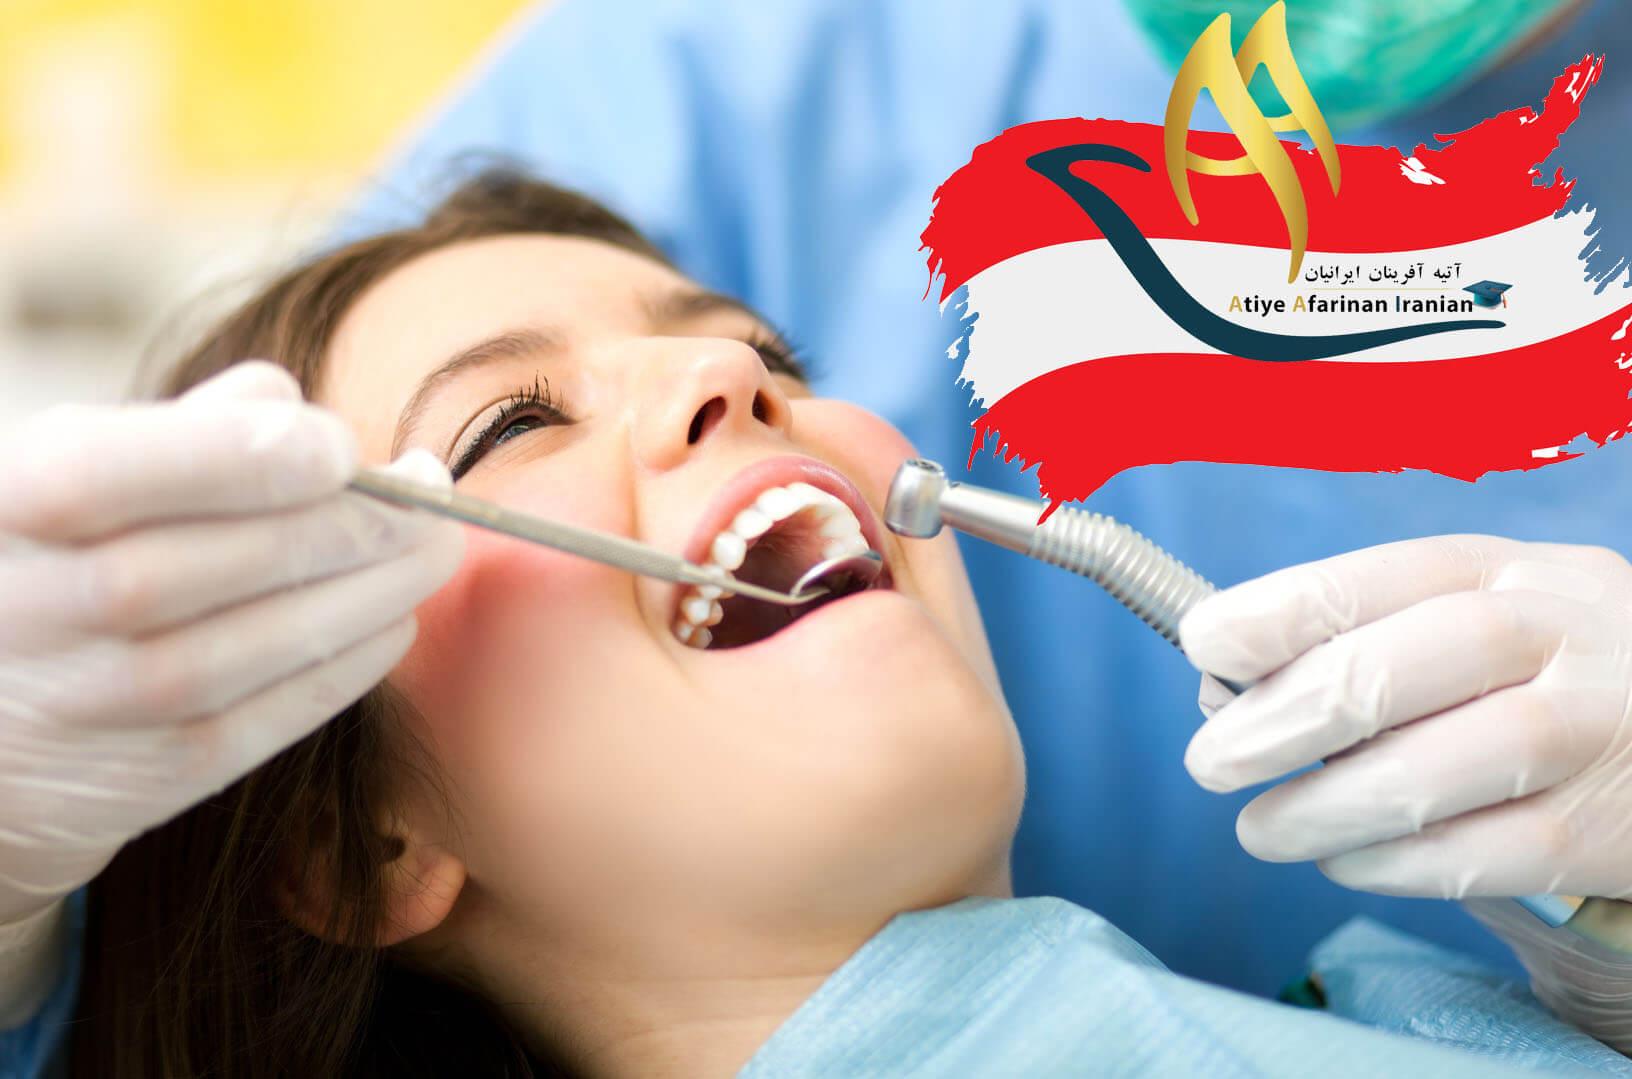 تحصیل دندانپزشکی اتریش